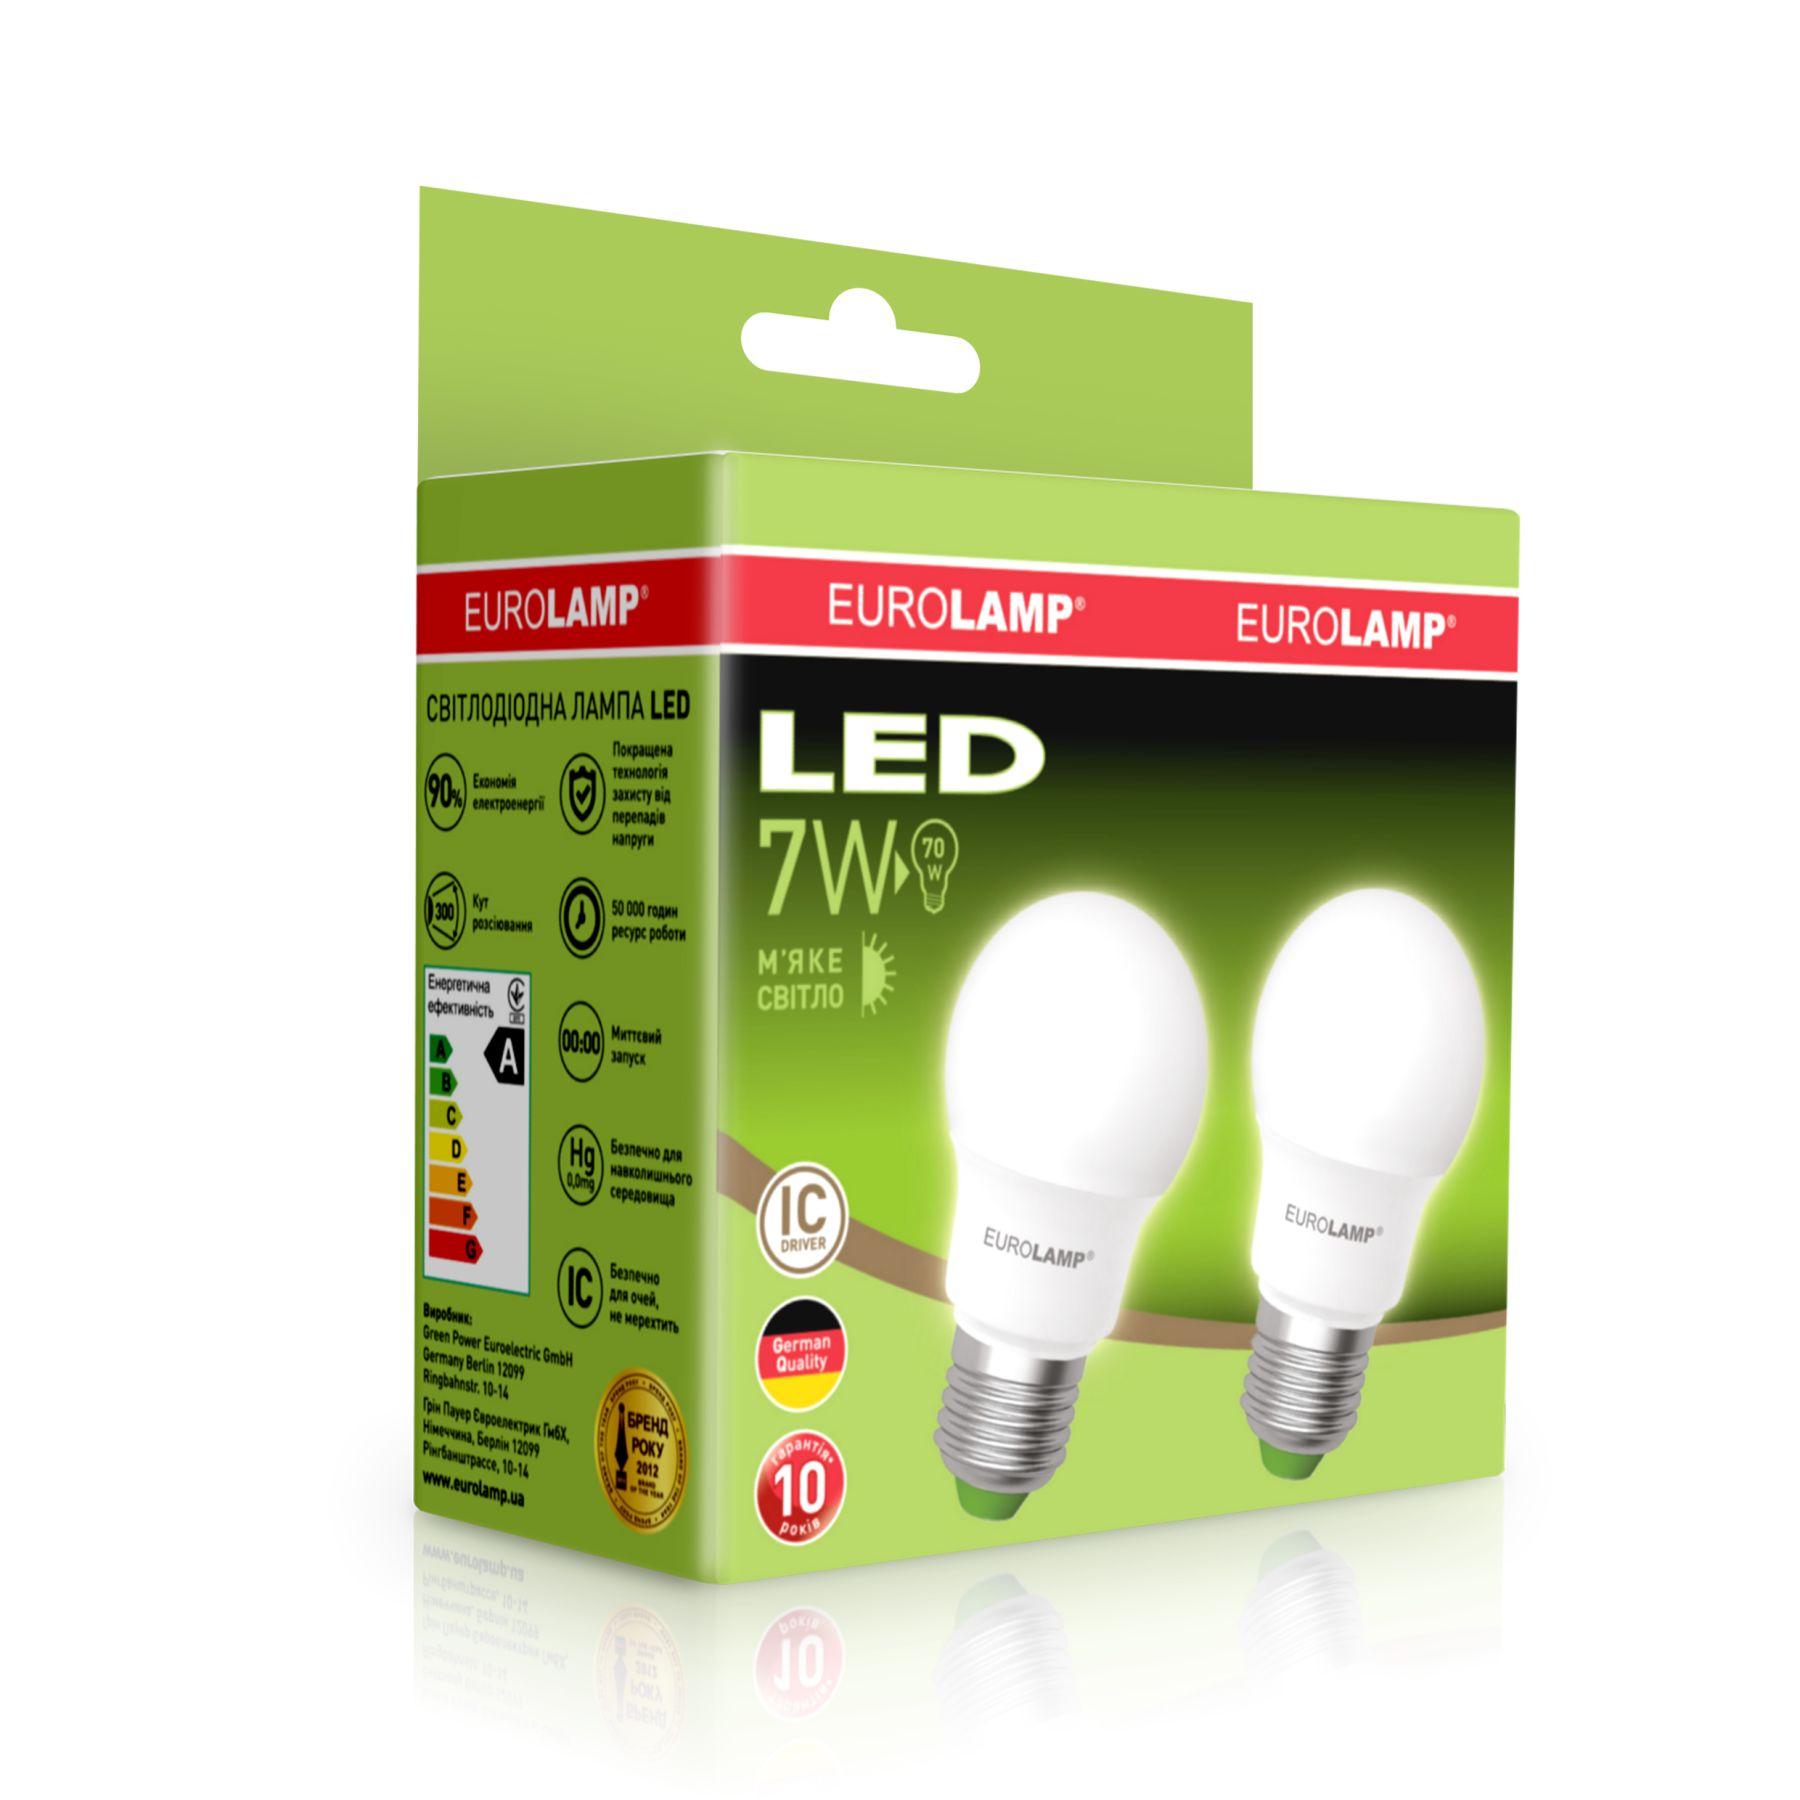 Оптовая продажа светодиодных ламп